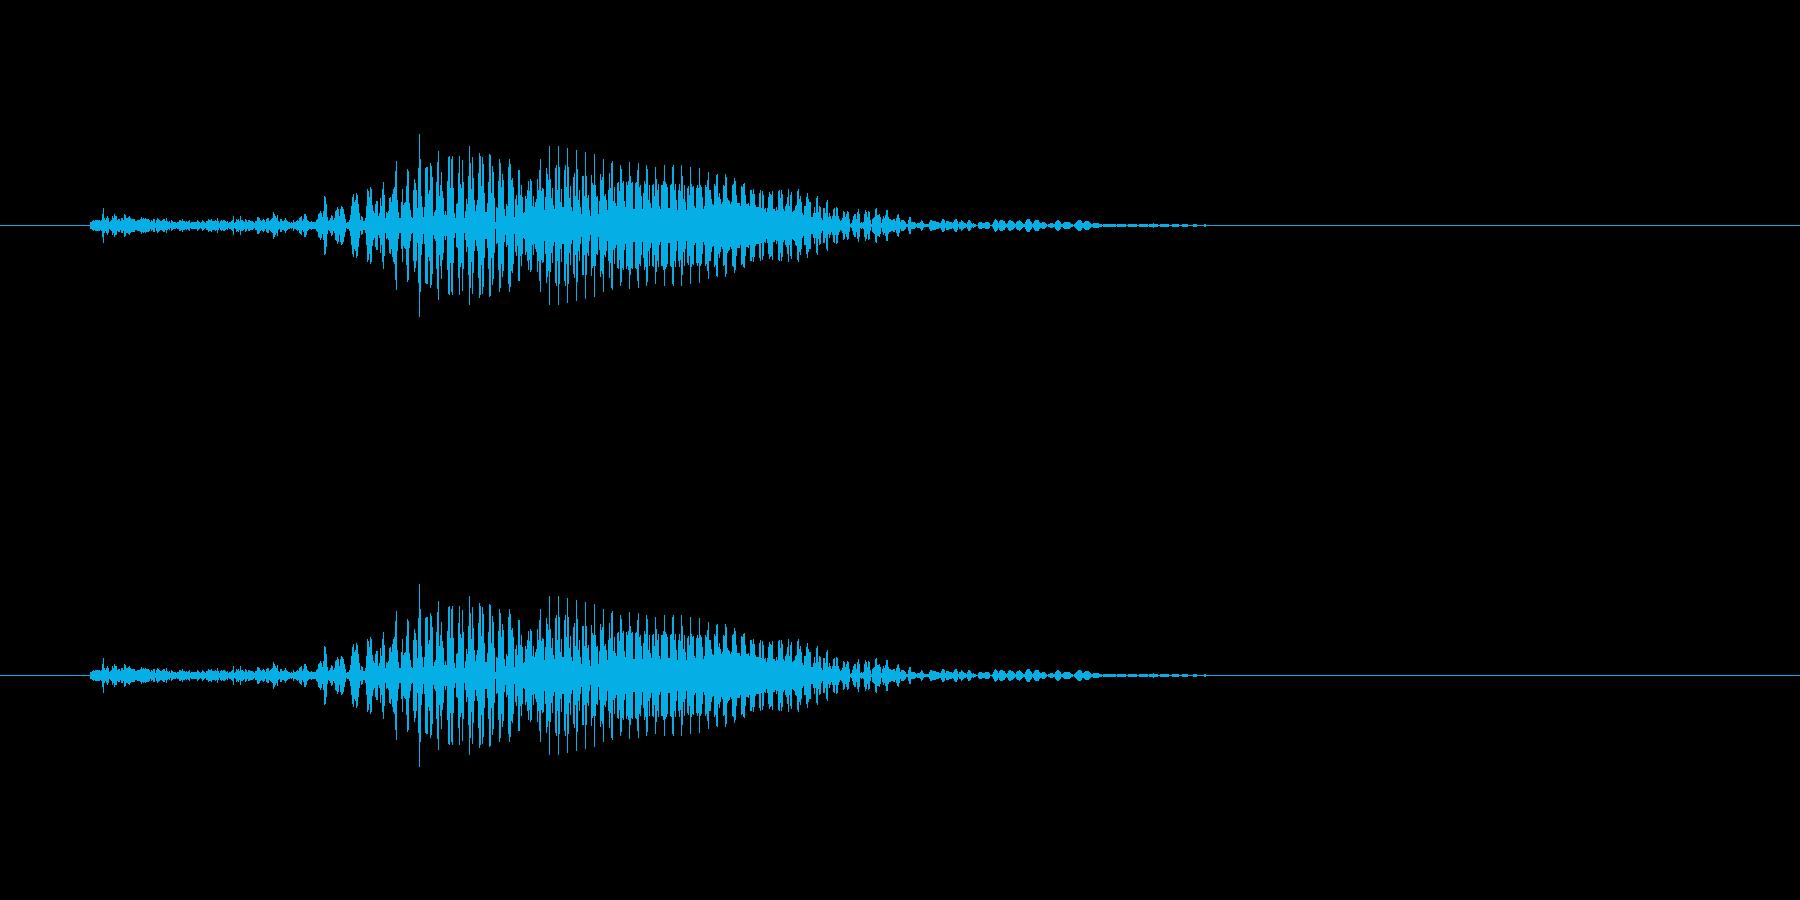 「とう!」掛け声 アクション 力強いの再生済みの波形